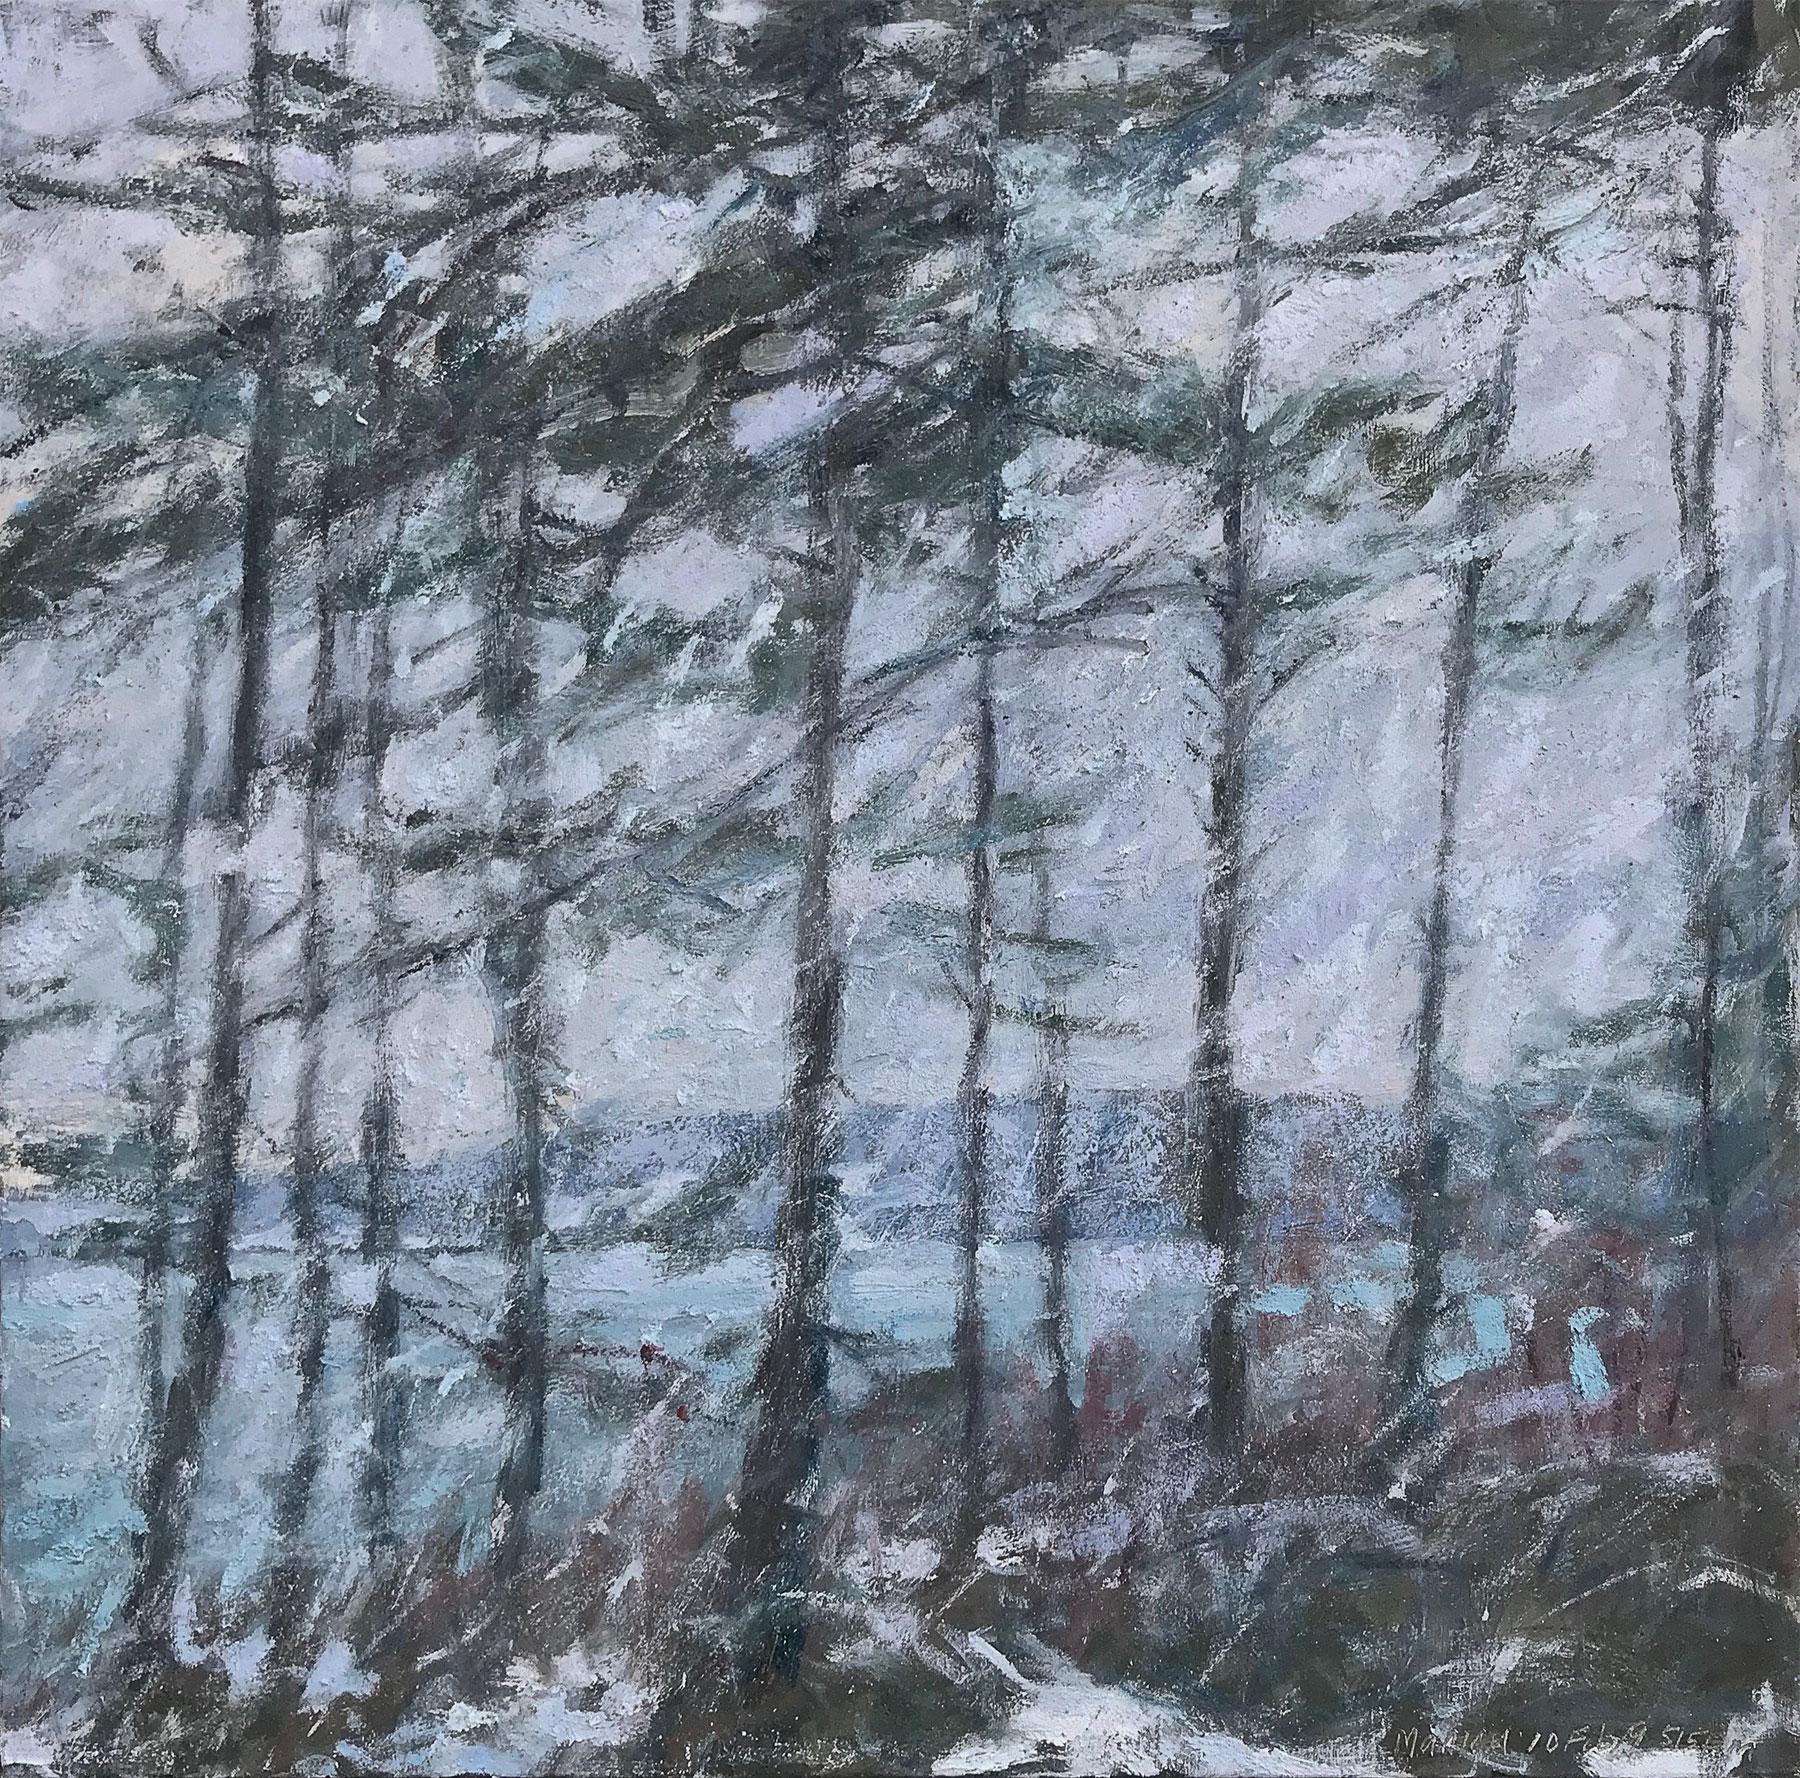 Among The Firs—Snowfall At Dusk